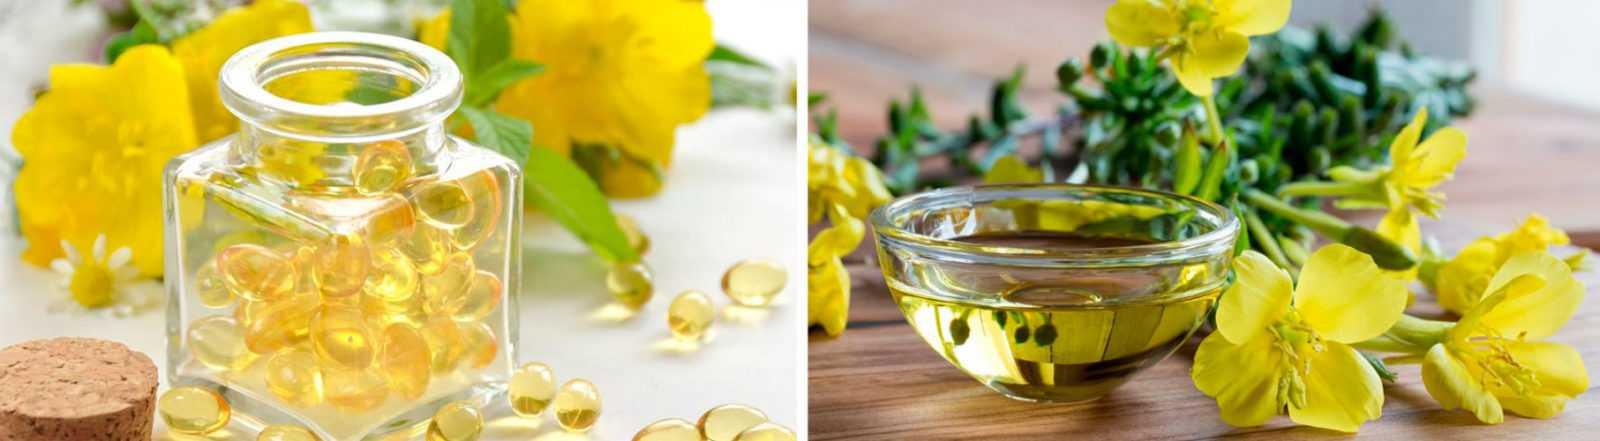 Масло примулы вечерней: волшебные препараты с Айхерб для женского здоровья